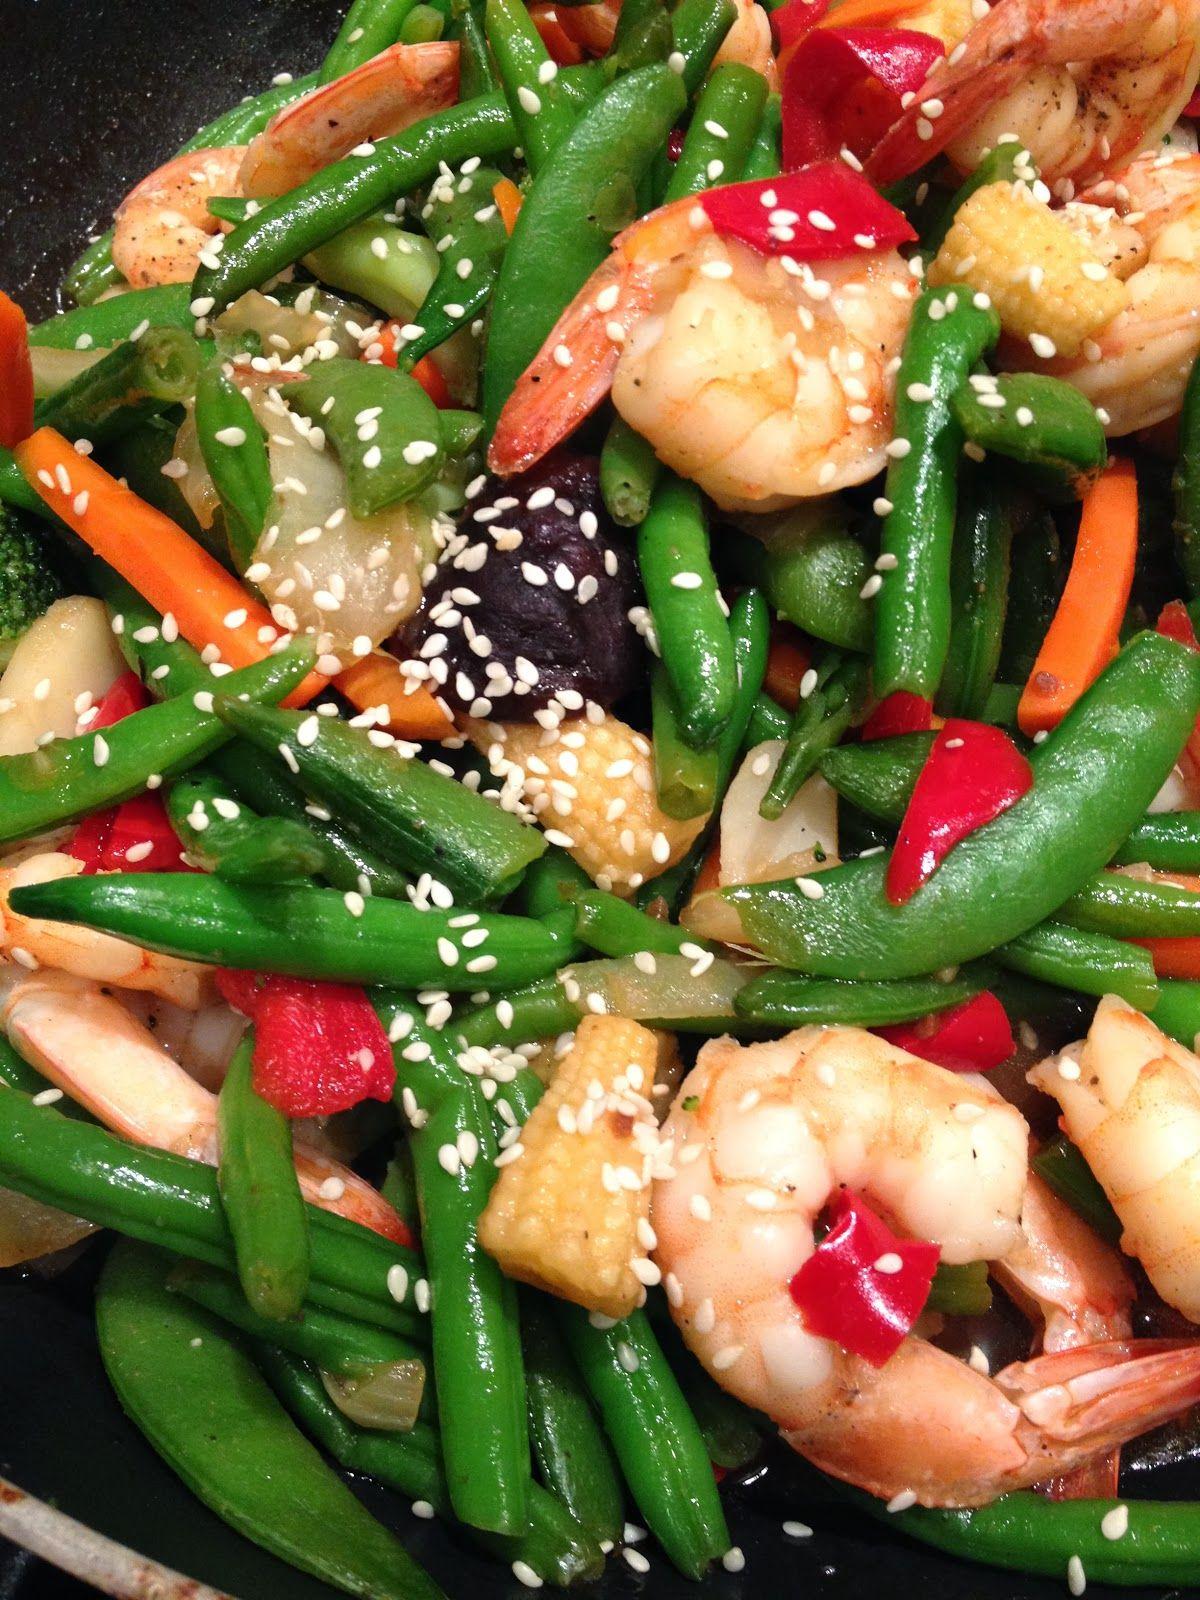 Fast and Easy Shrimp Stir Fry